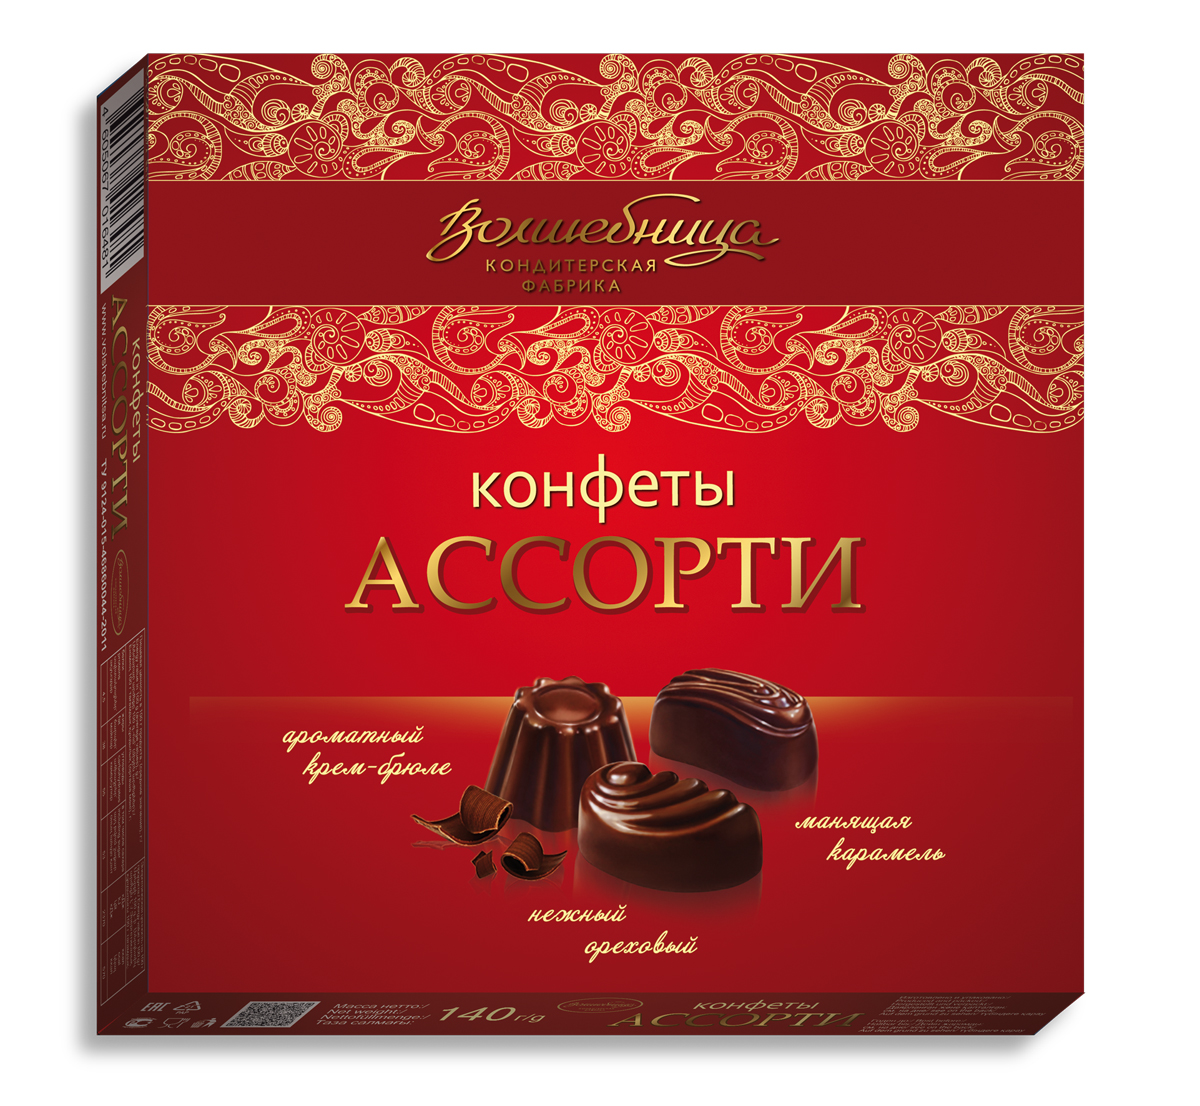 Волшебница конфеты ассорти (красные), 140 г bauli круассаны на натуральной закваске с шоколадным кремом 20% 6 шт по 50 г